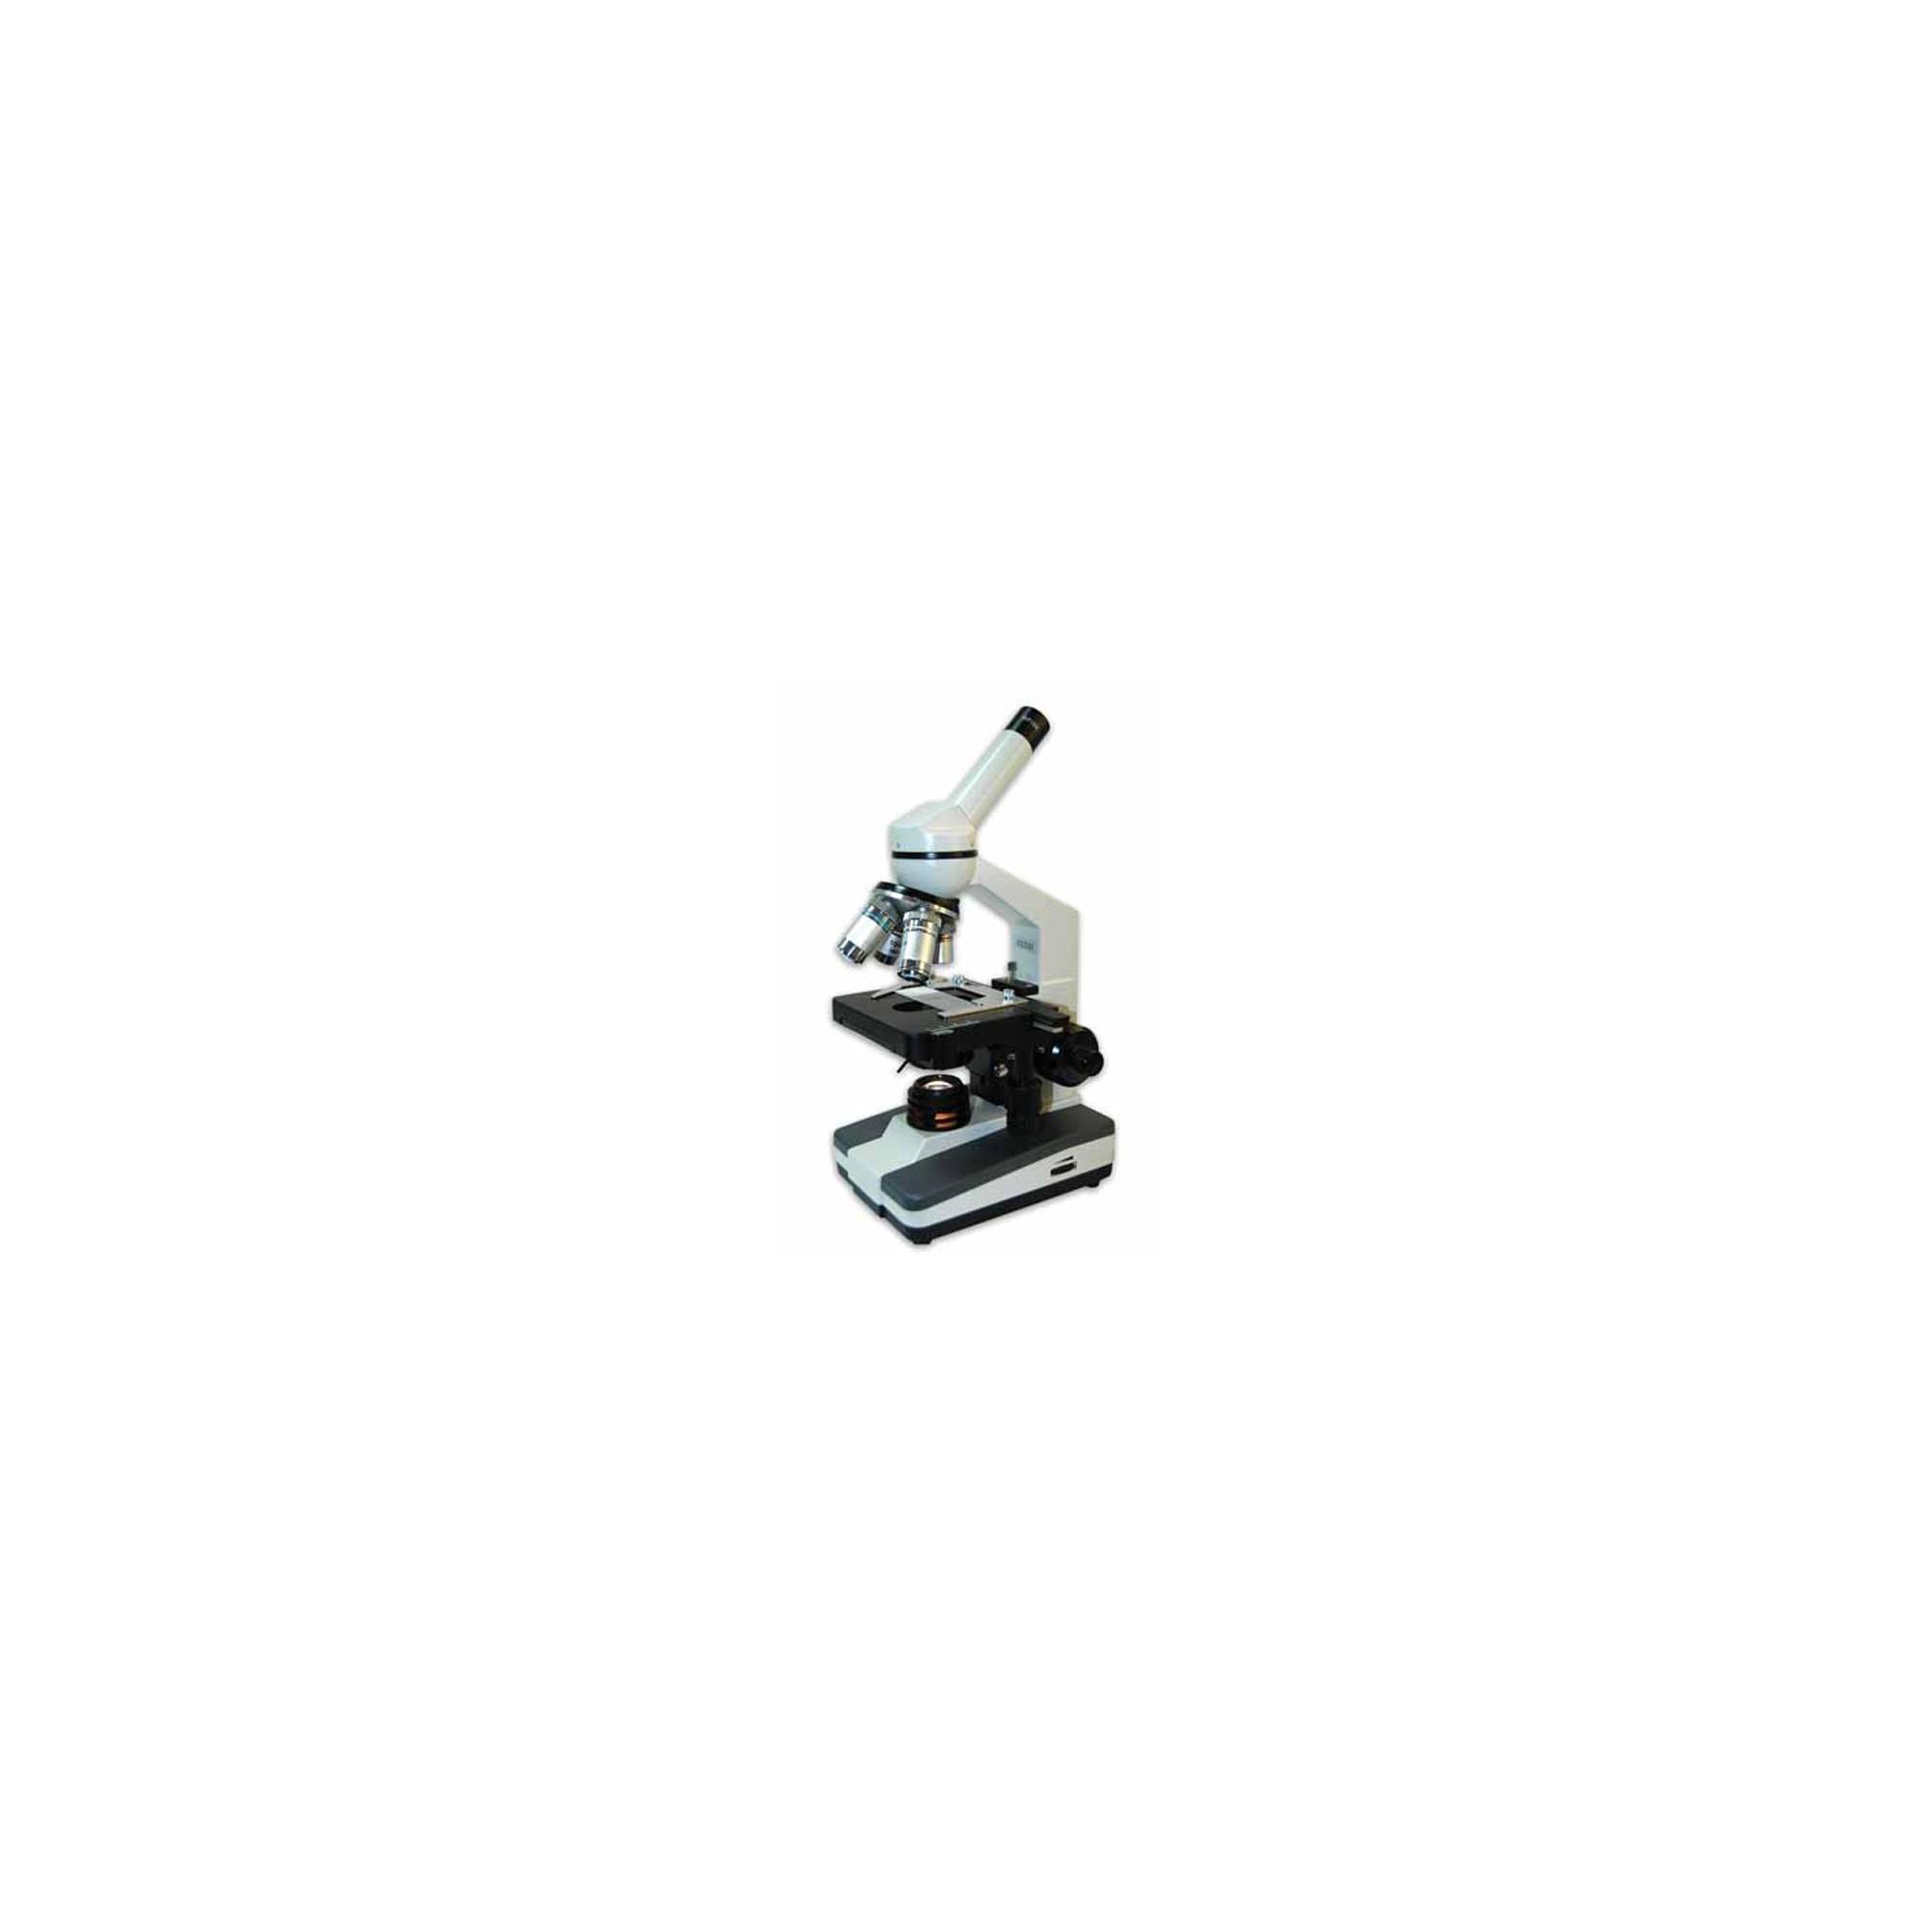 MICROSCOPIO SME-F2 1000X